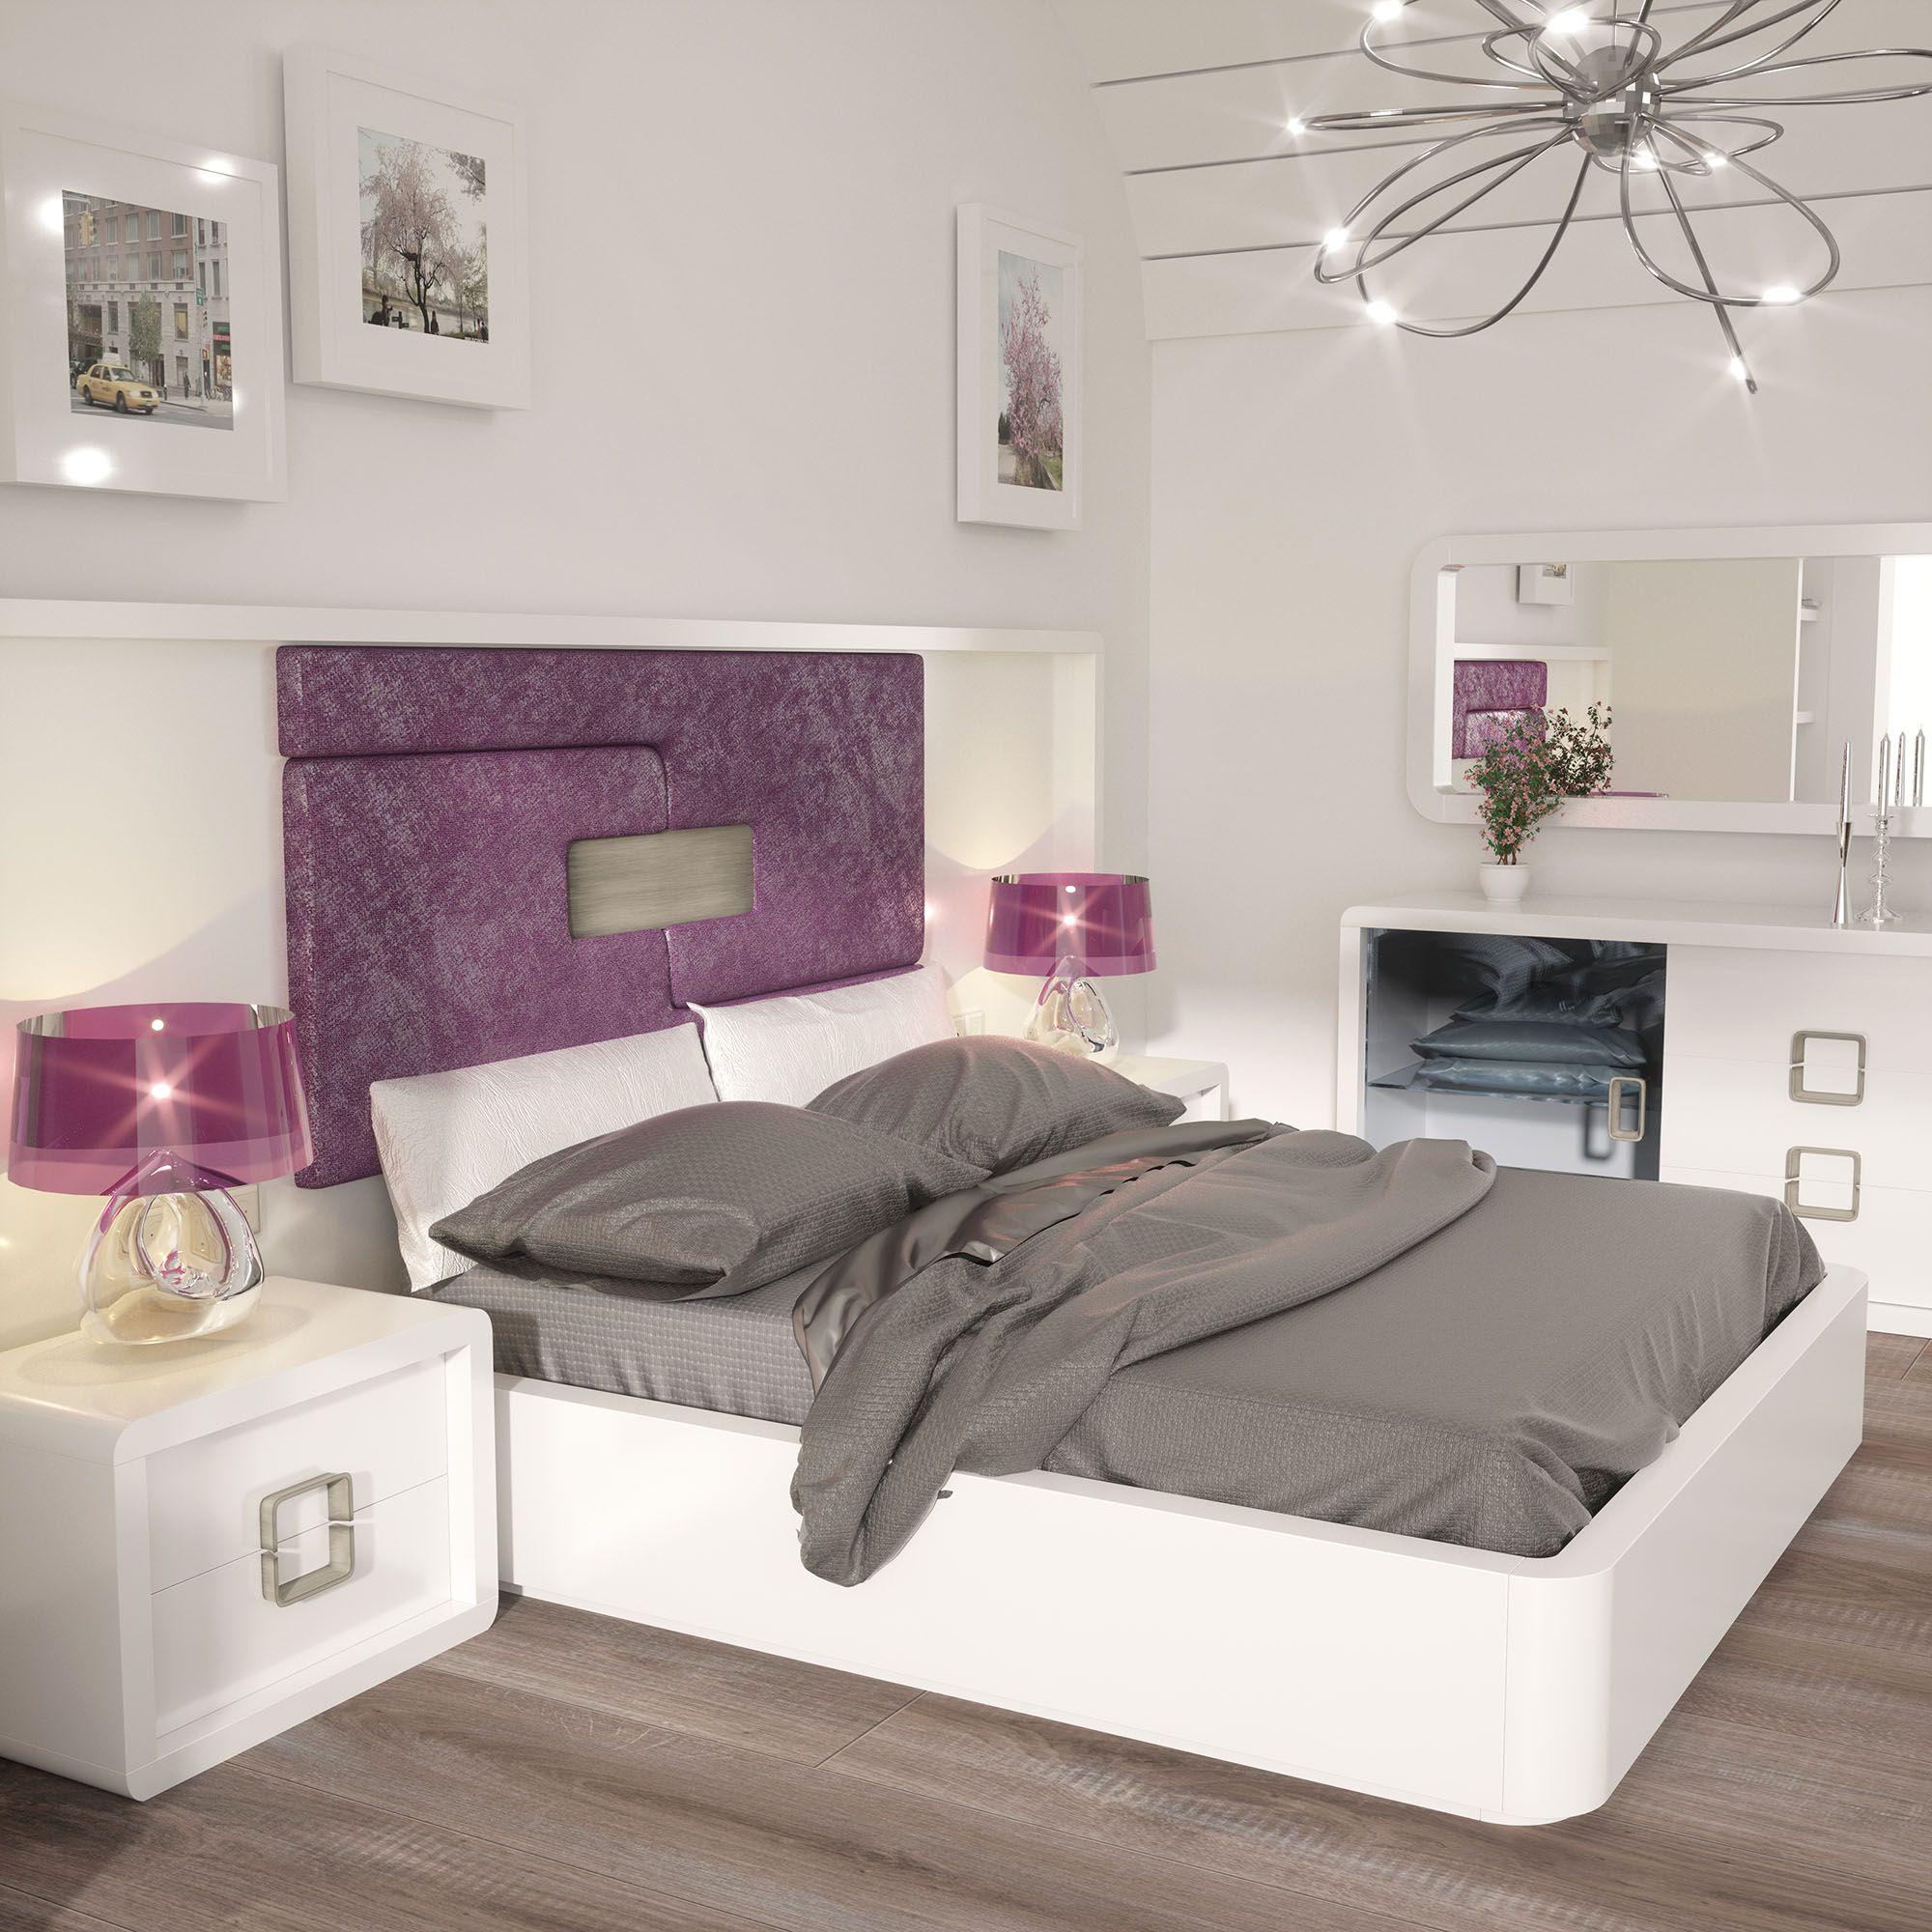 Dormitorios con lineas cuidadas y un cabecero tapizado en plafon ...